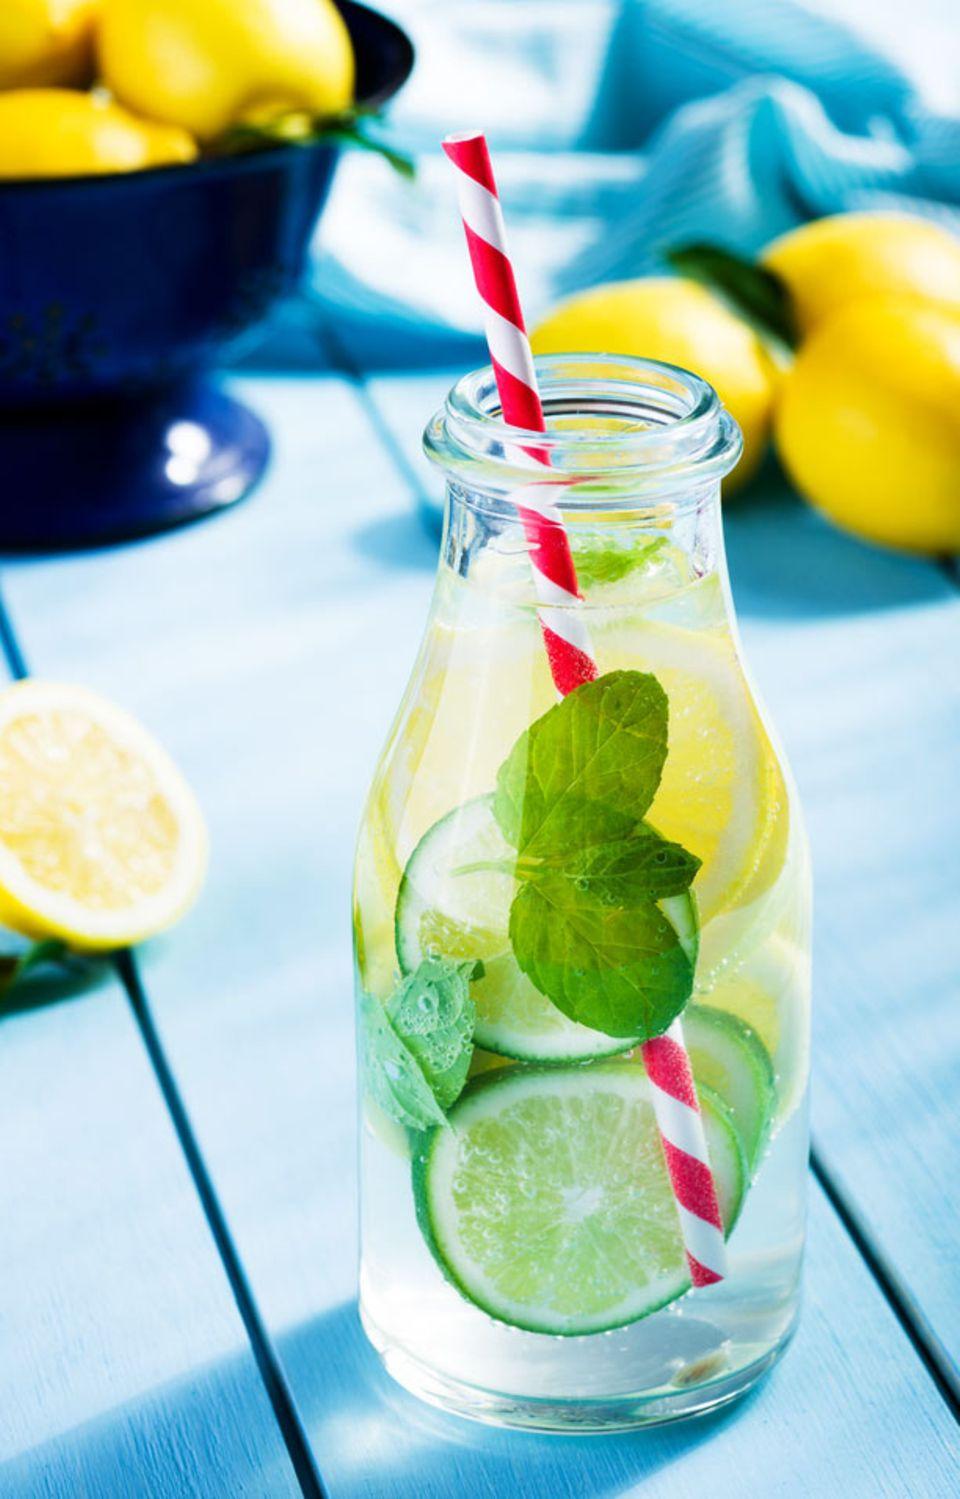 Herrlich erfrischendes Zitronen-Wasser!